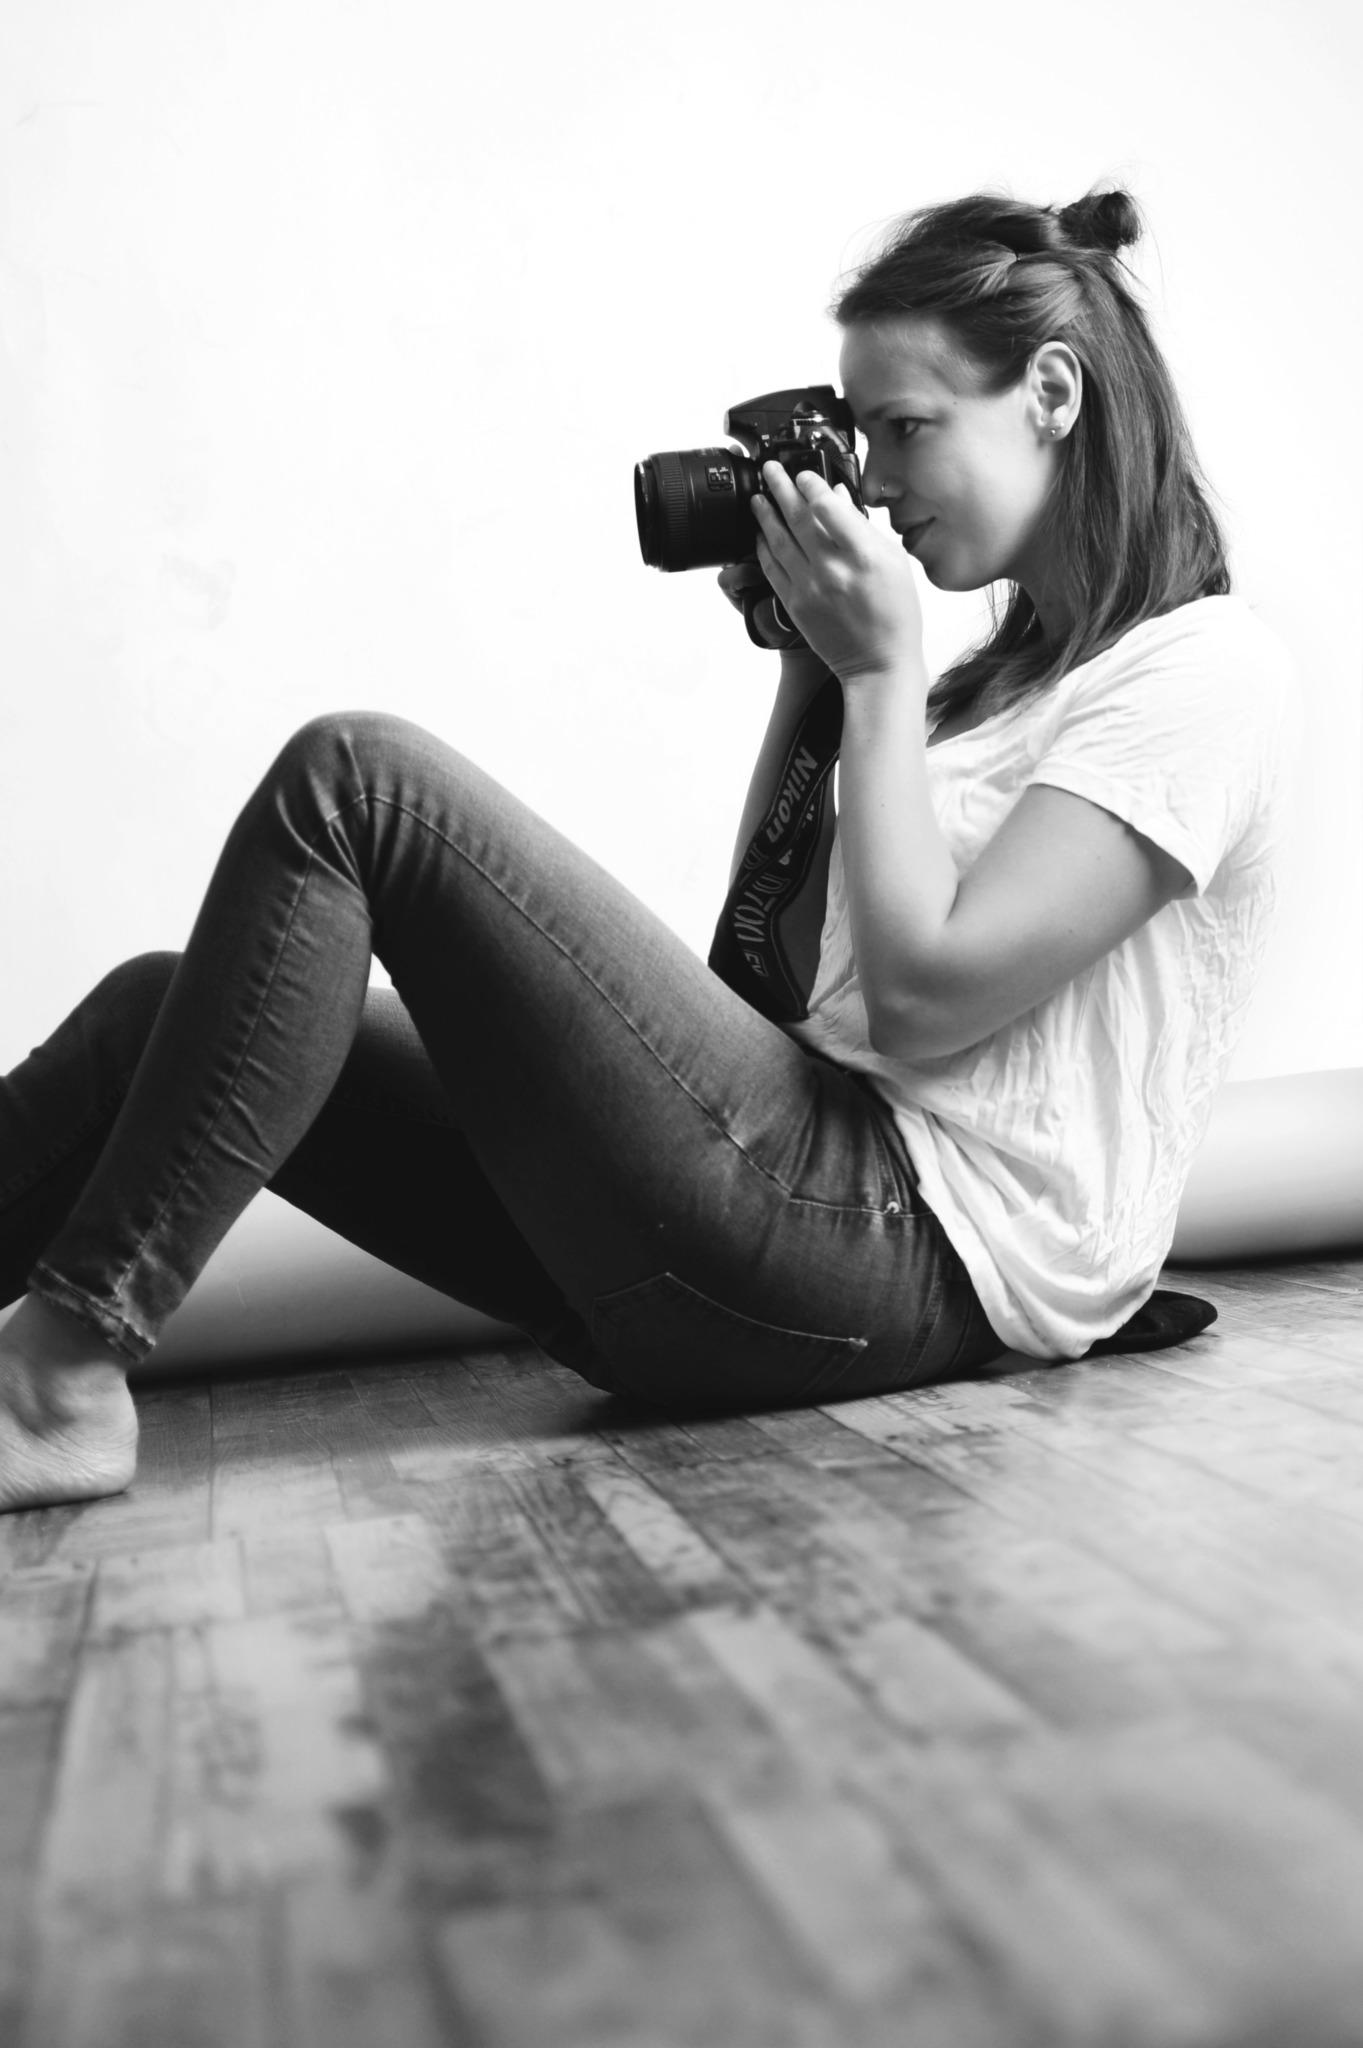 Dating kostenlos in tragwein: Mdels kennenlernen aus thiersee